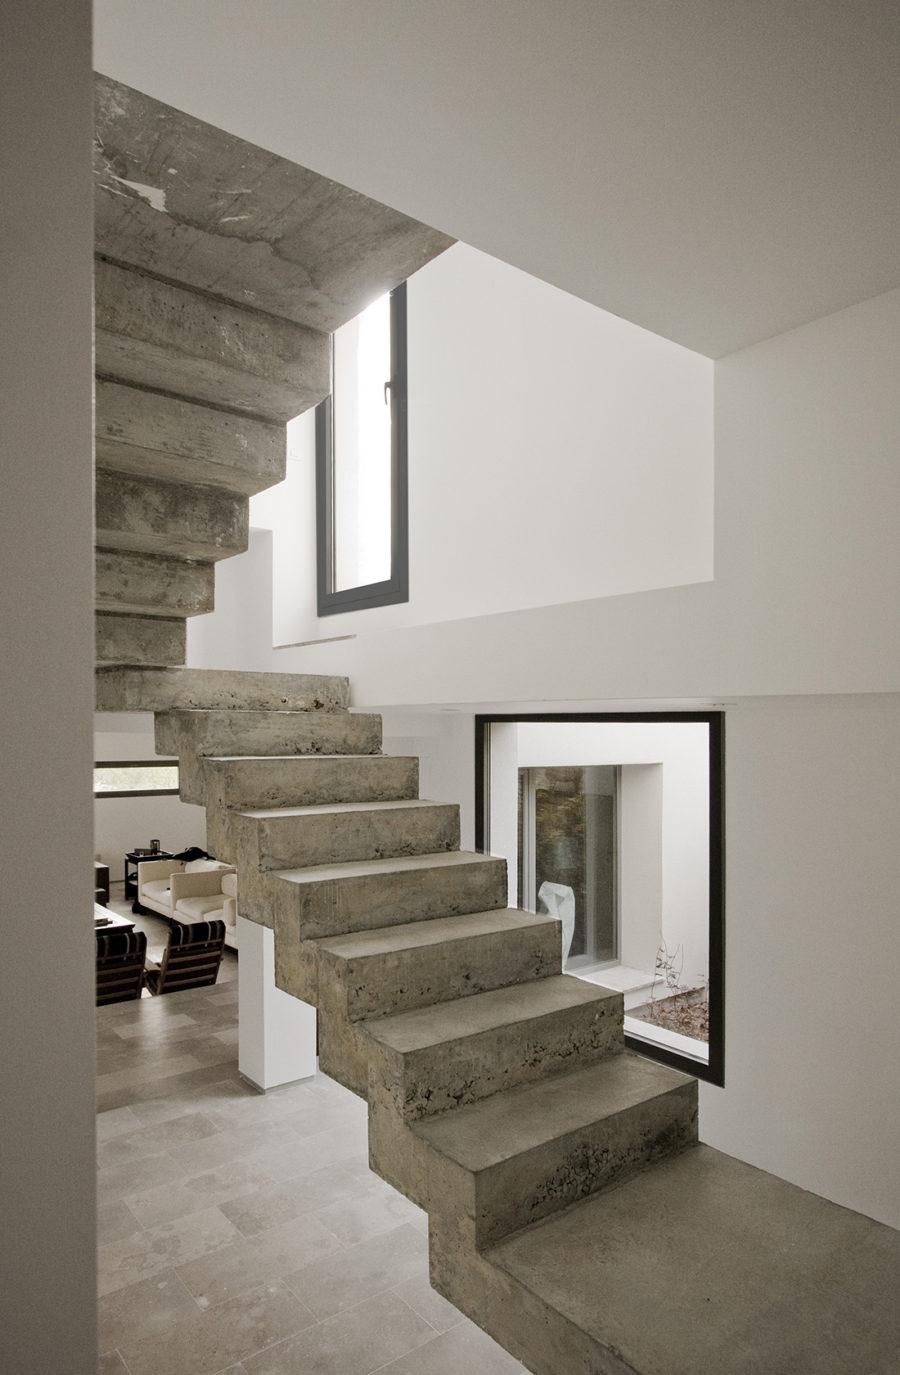 Casa c 51 escalera 02